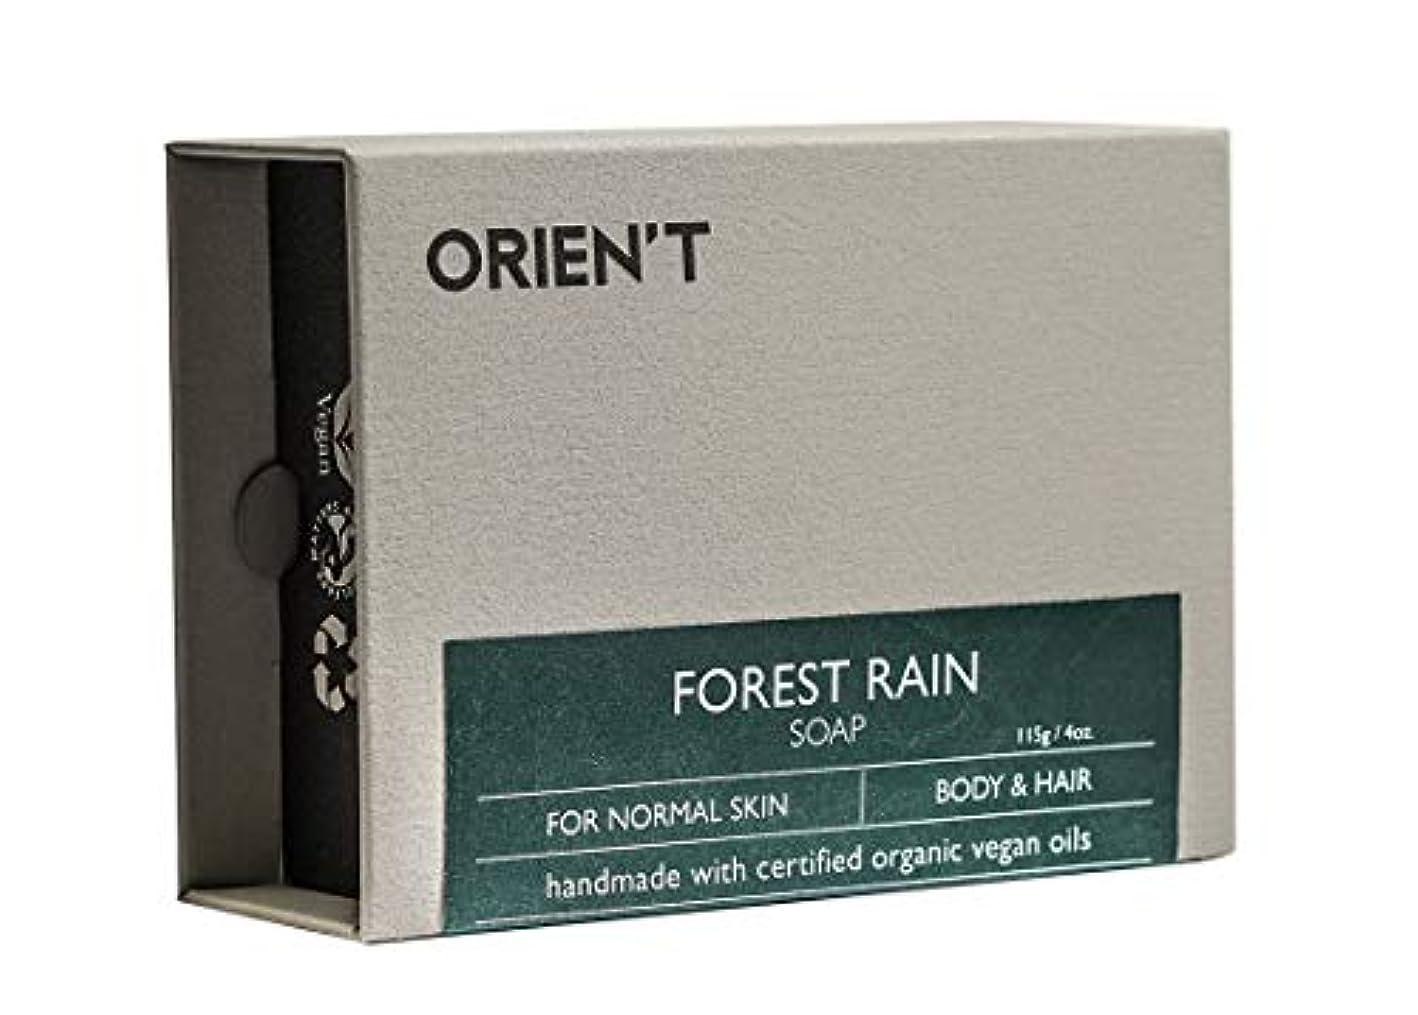 コンパニオンワイド金銭的な【 ORIEN'T Forest Rain Soap 】「霖」手工皂、ECOCERTオーガニック認定原料